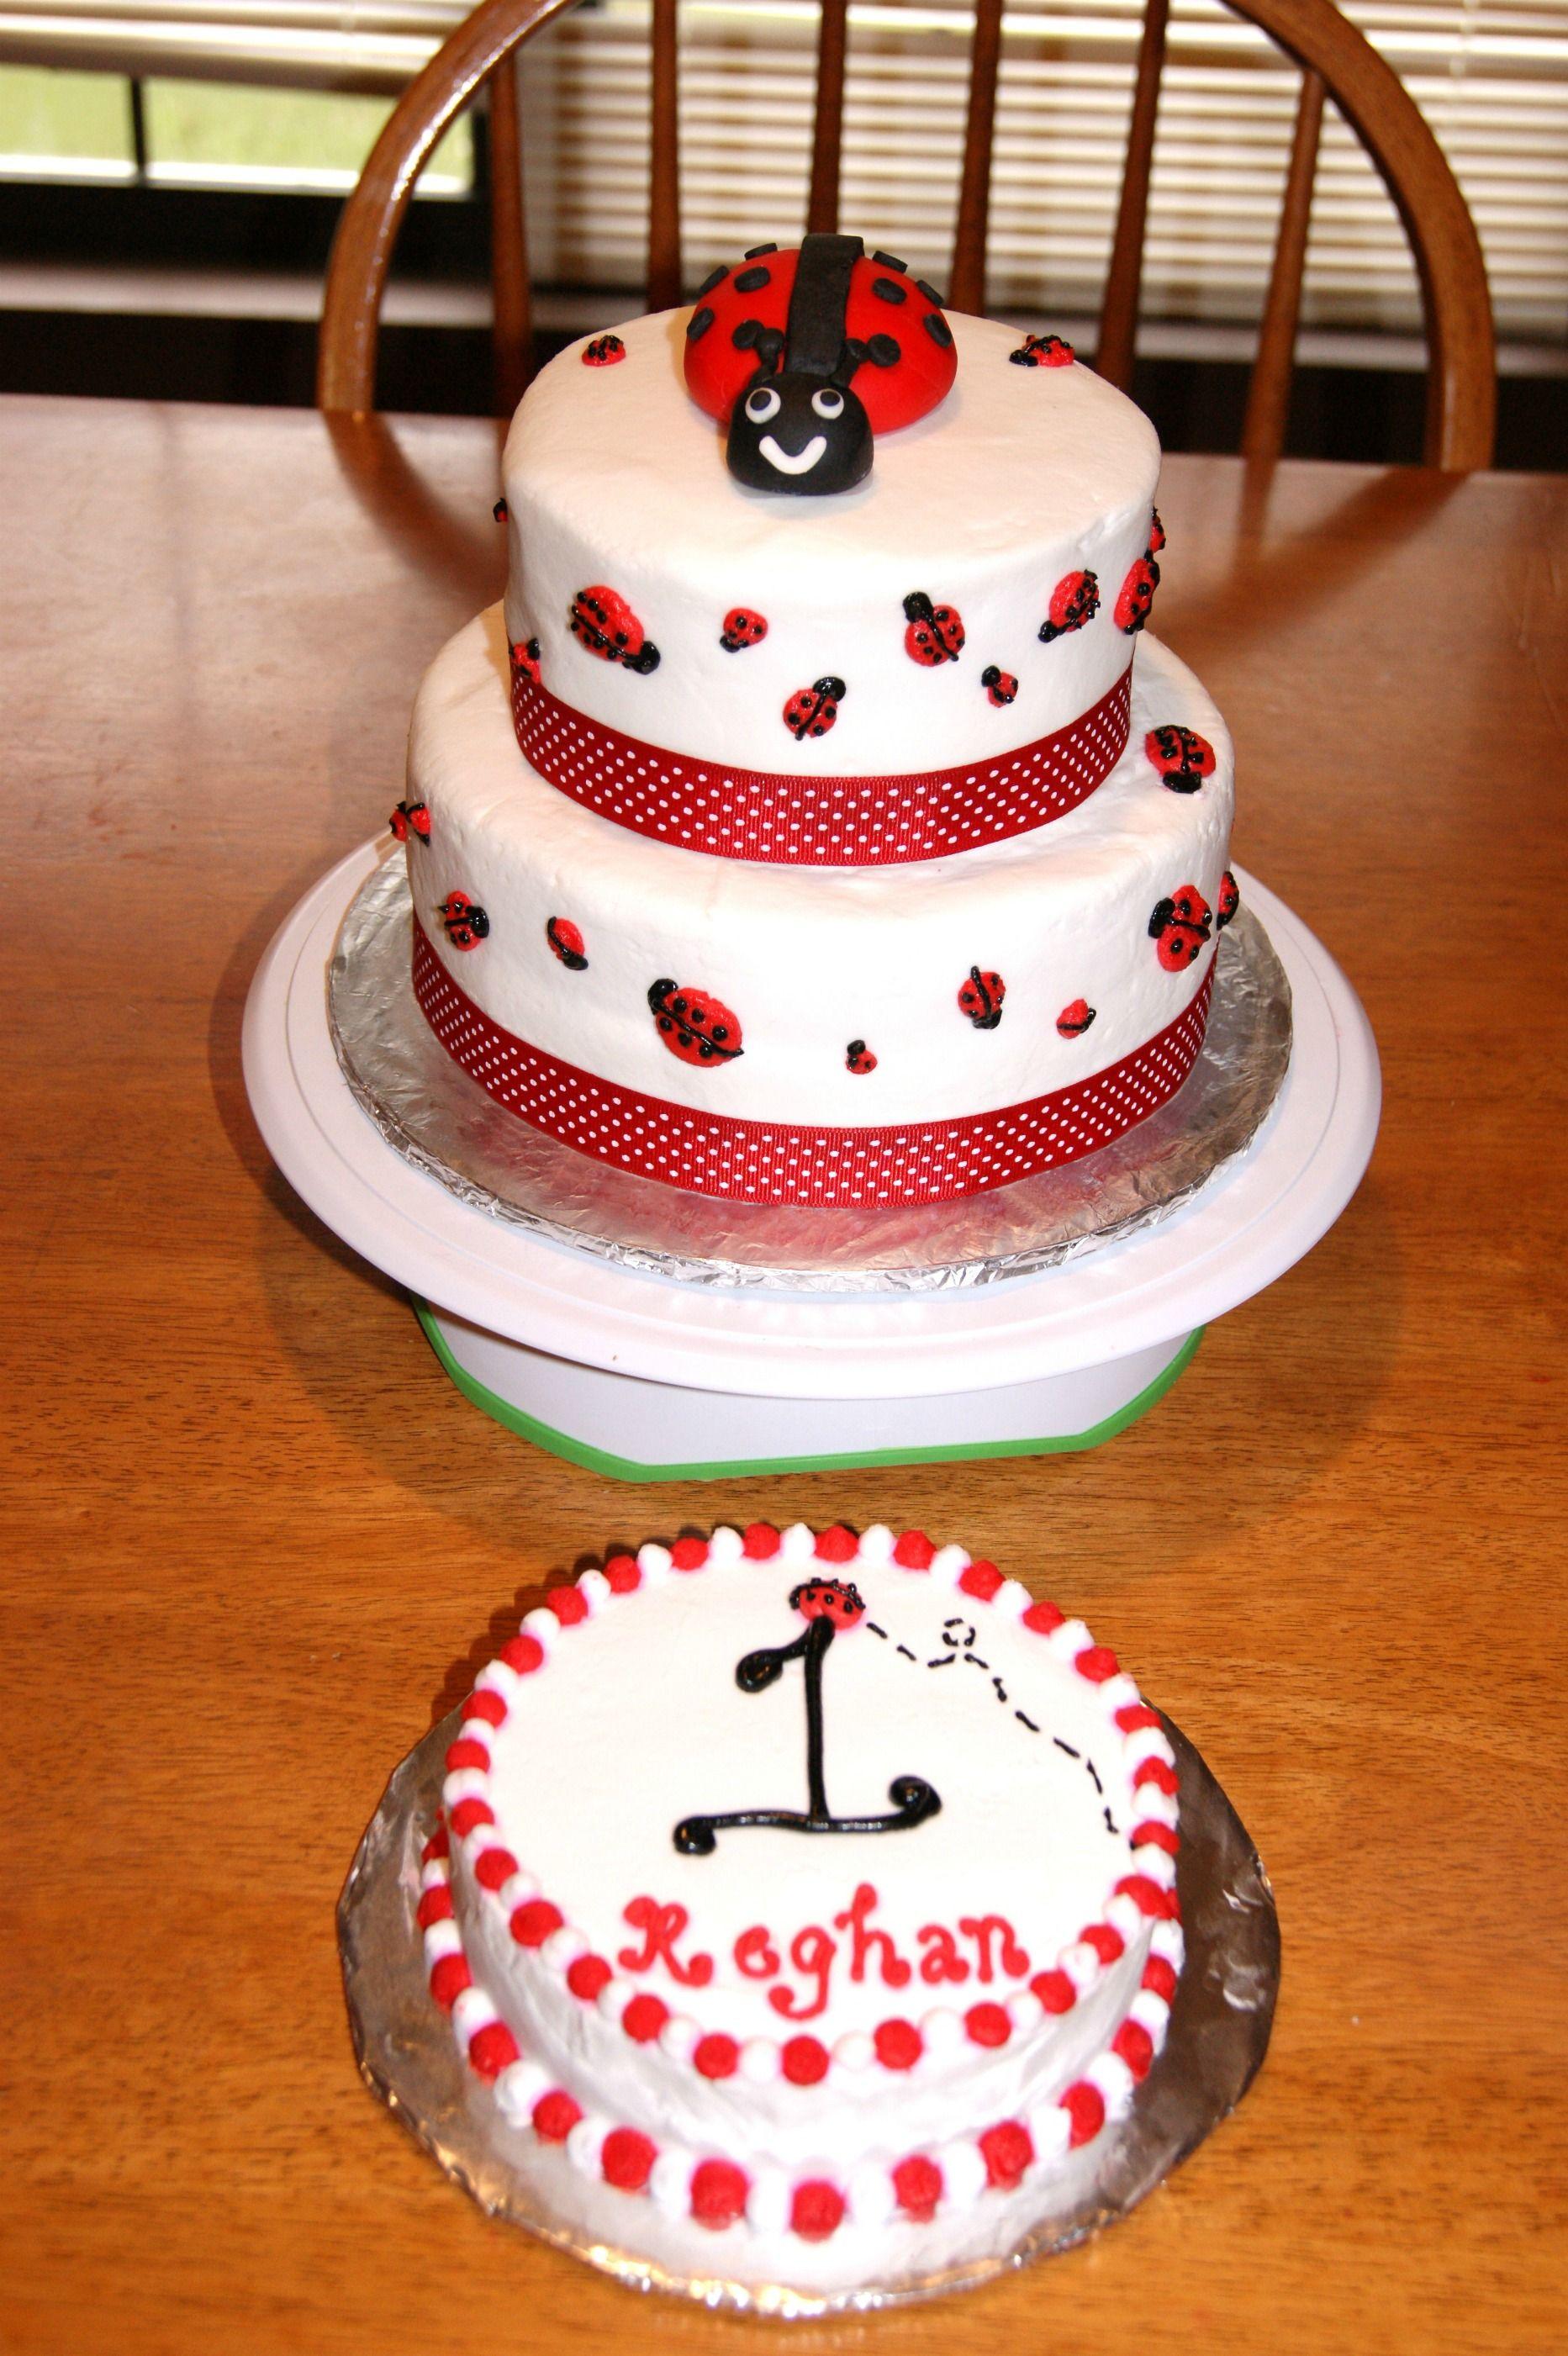 Enjoyable Ladybug Birthday Cake And Smash Cake Cakechickcakes Com Personalised Birthday Cards Veneteletsinfo